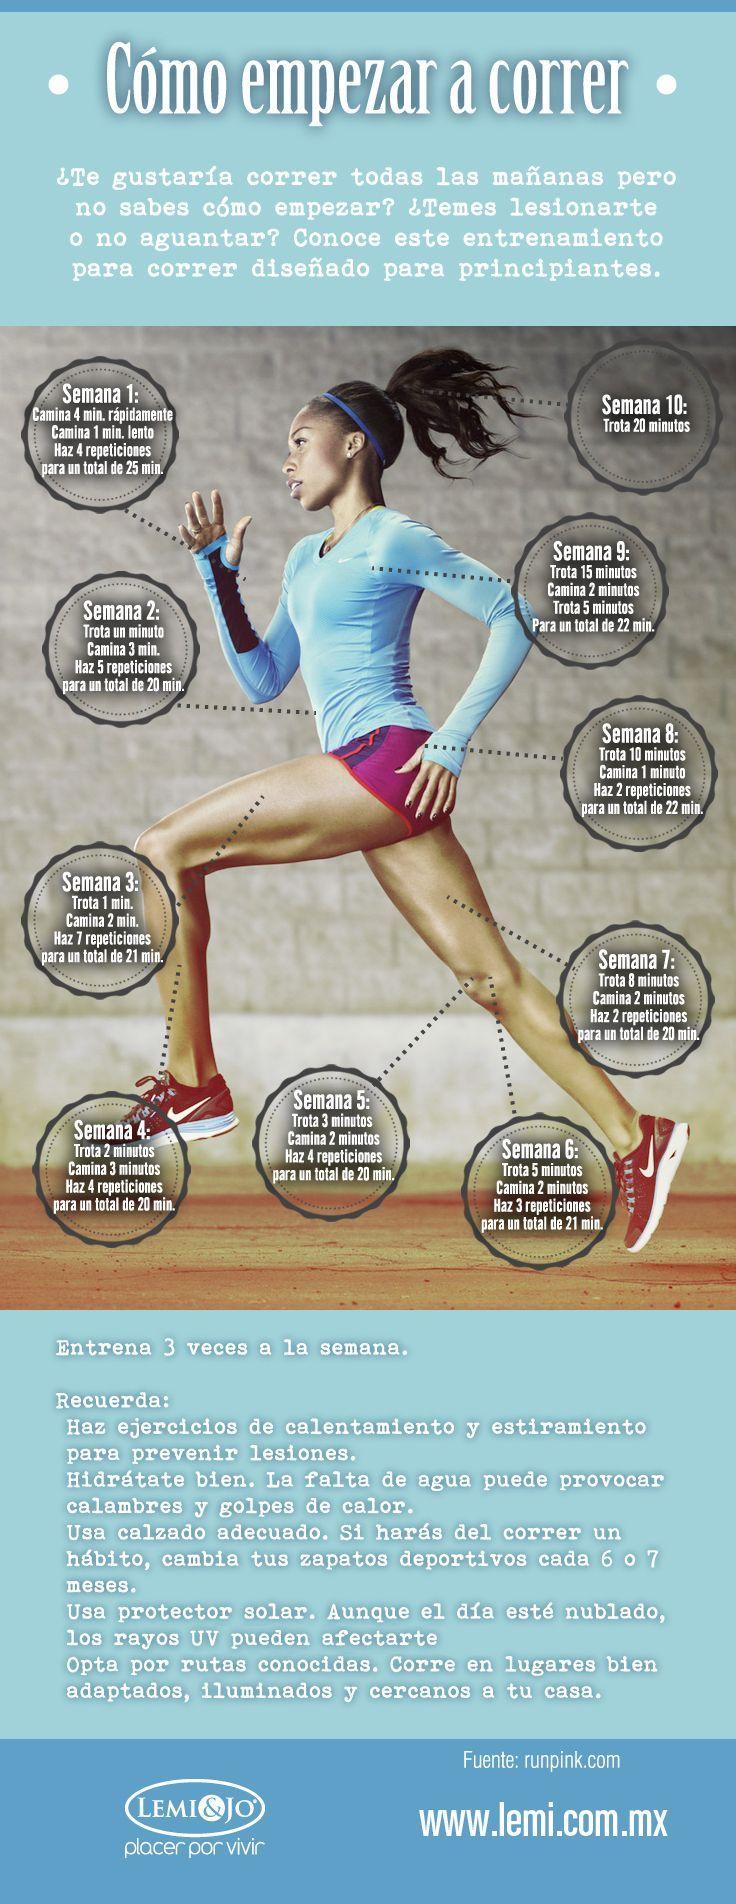 ¿Quieres #correr todas la mañanas? Te paso esta #infografía con una guía para empezar a correr para principiantes.: